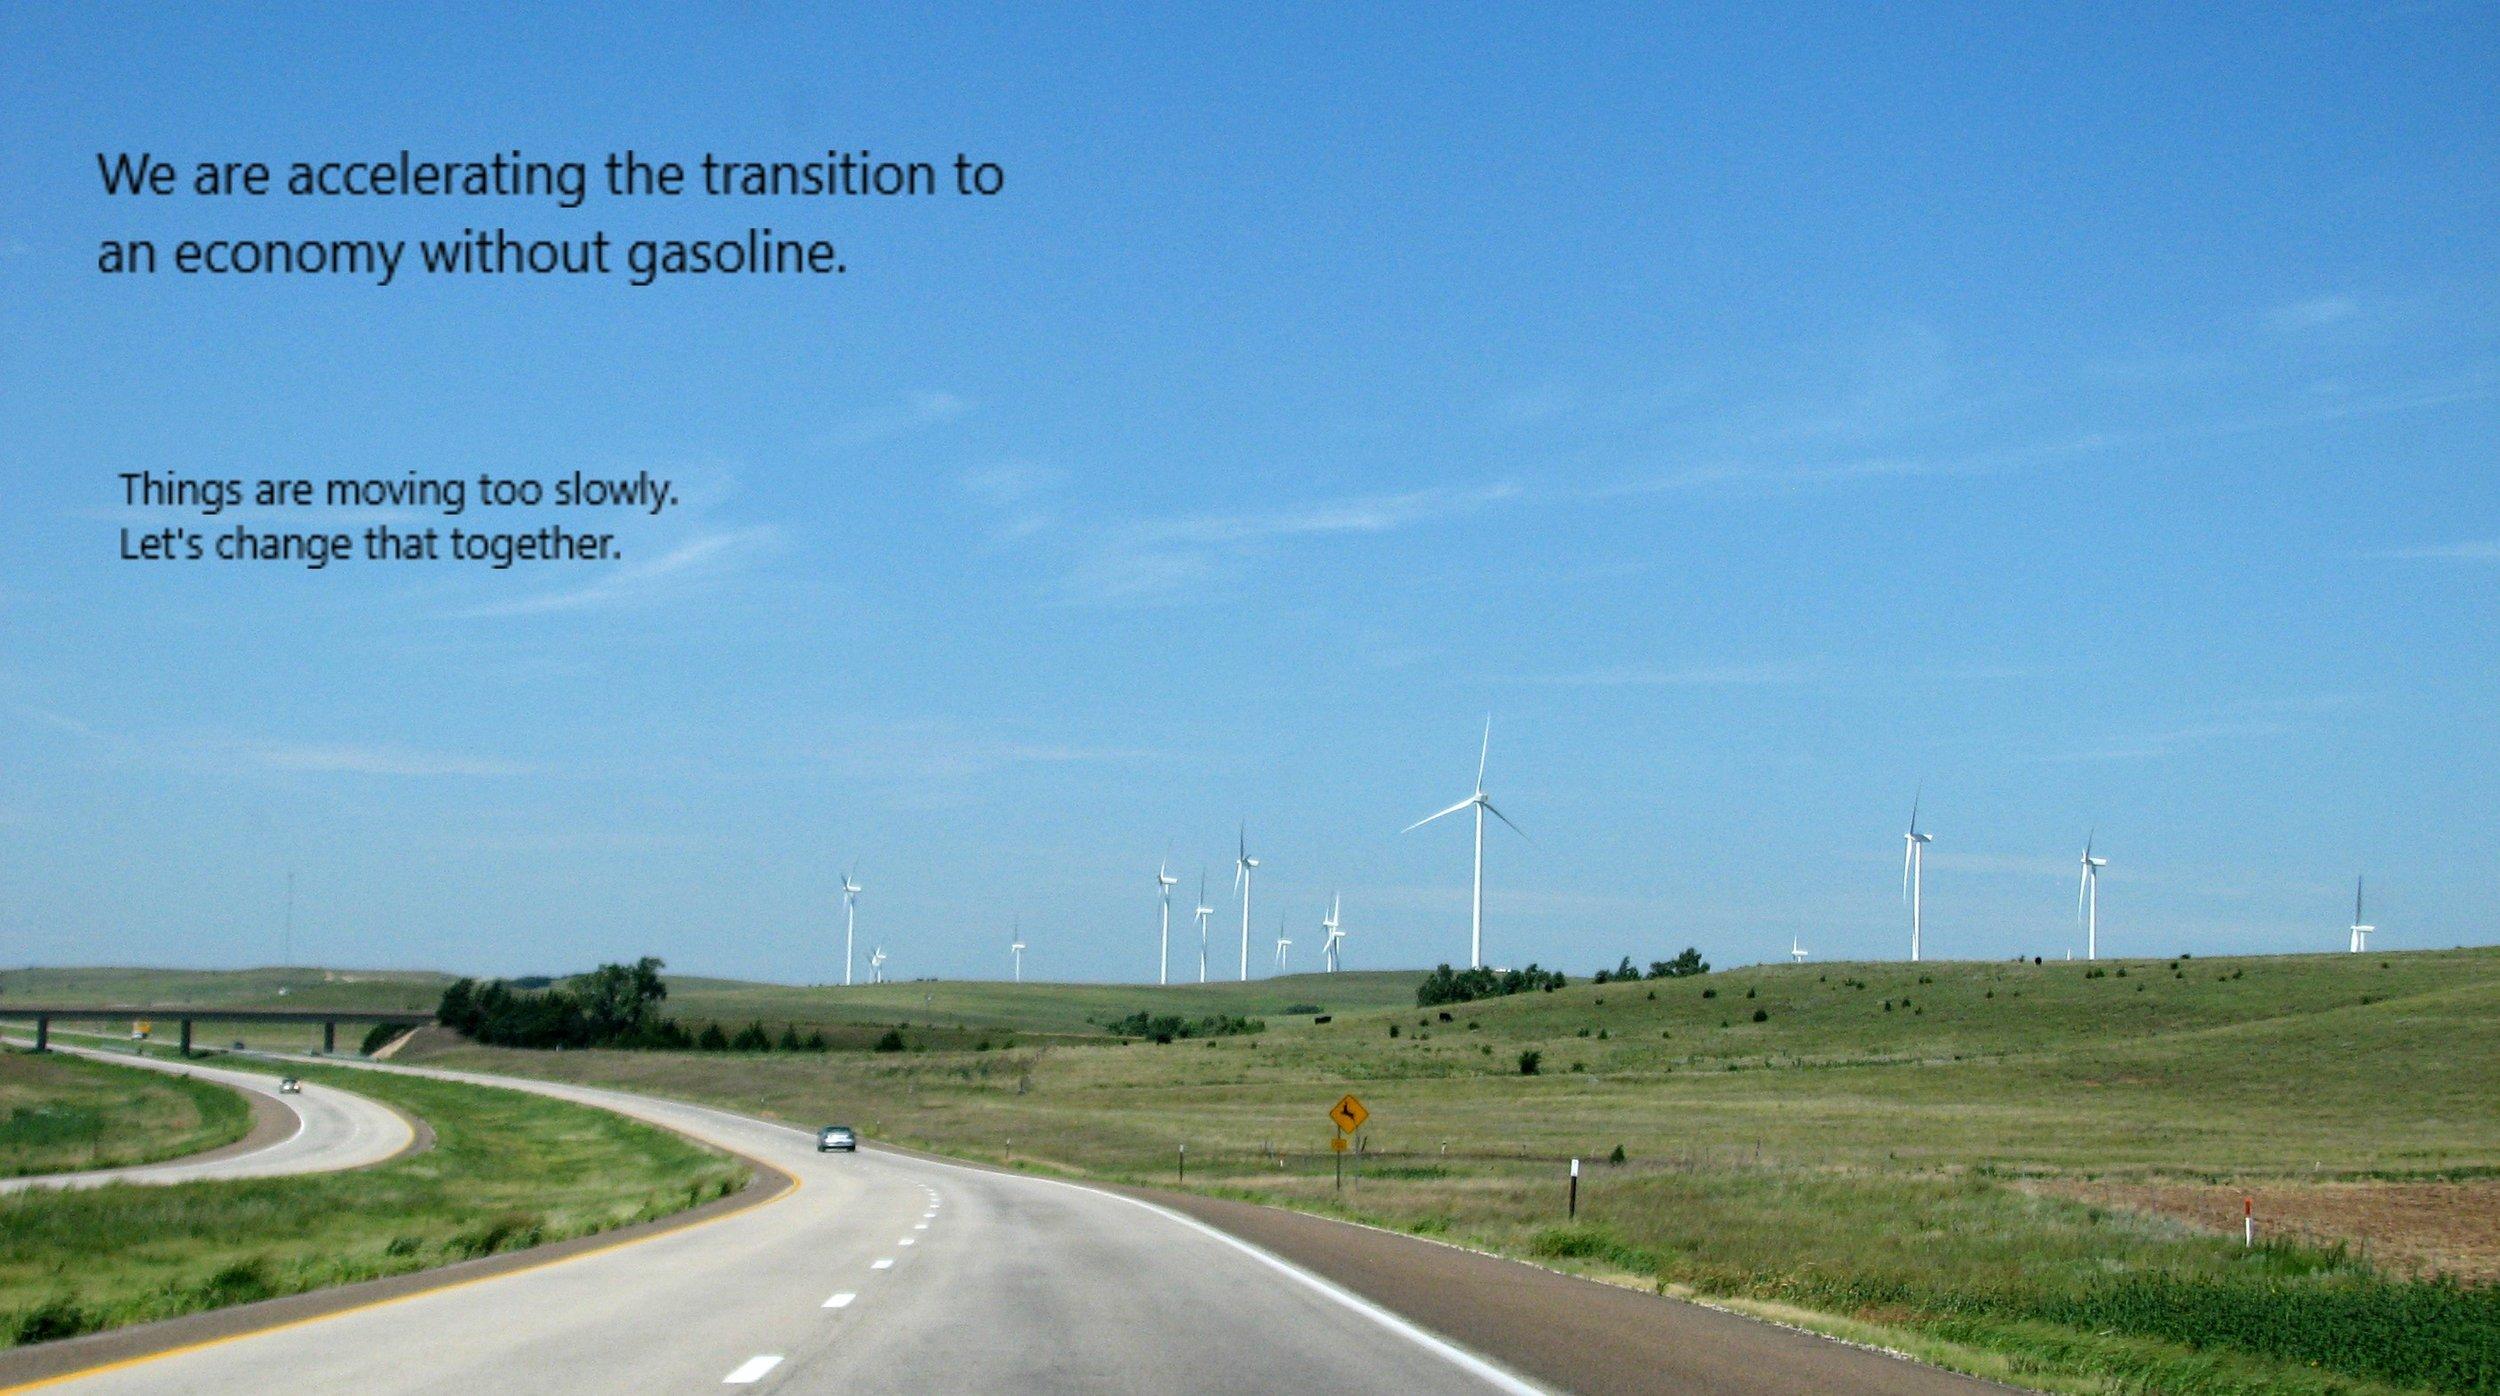 Road wind farm let's change.jpg